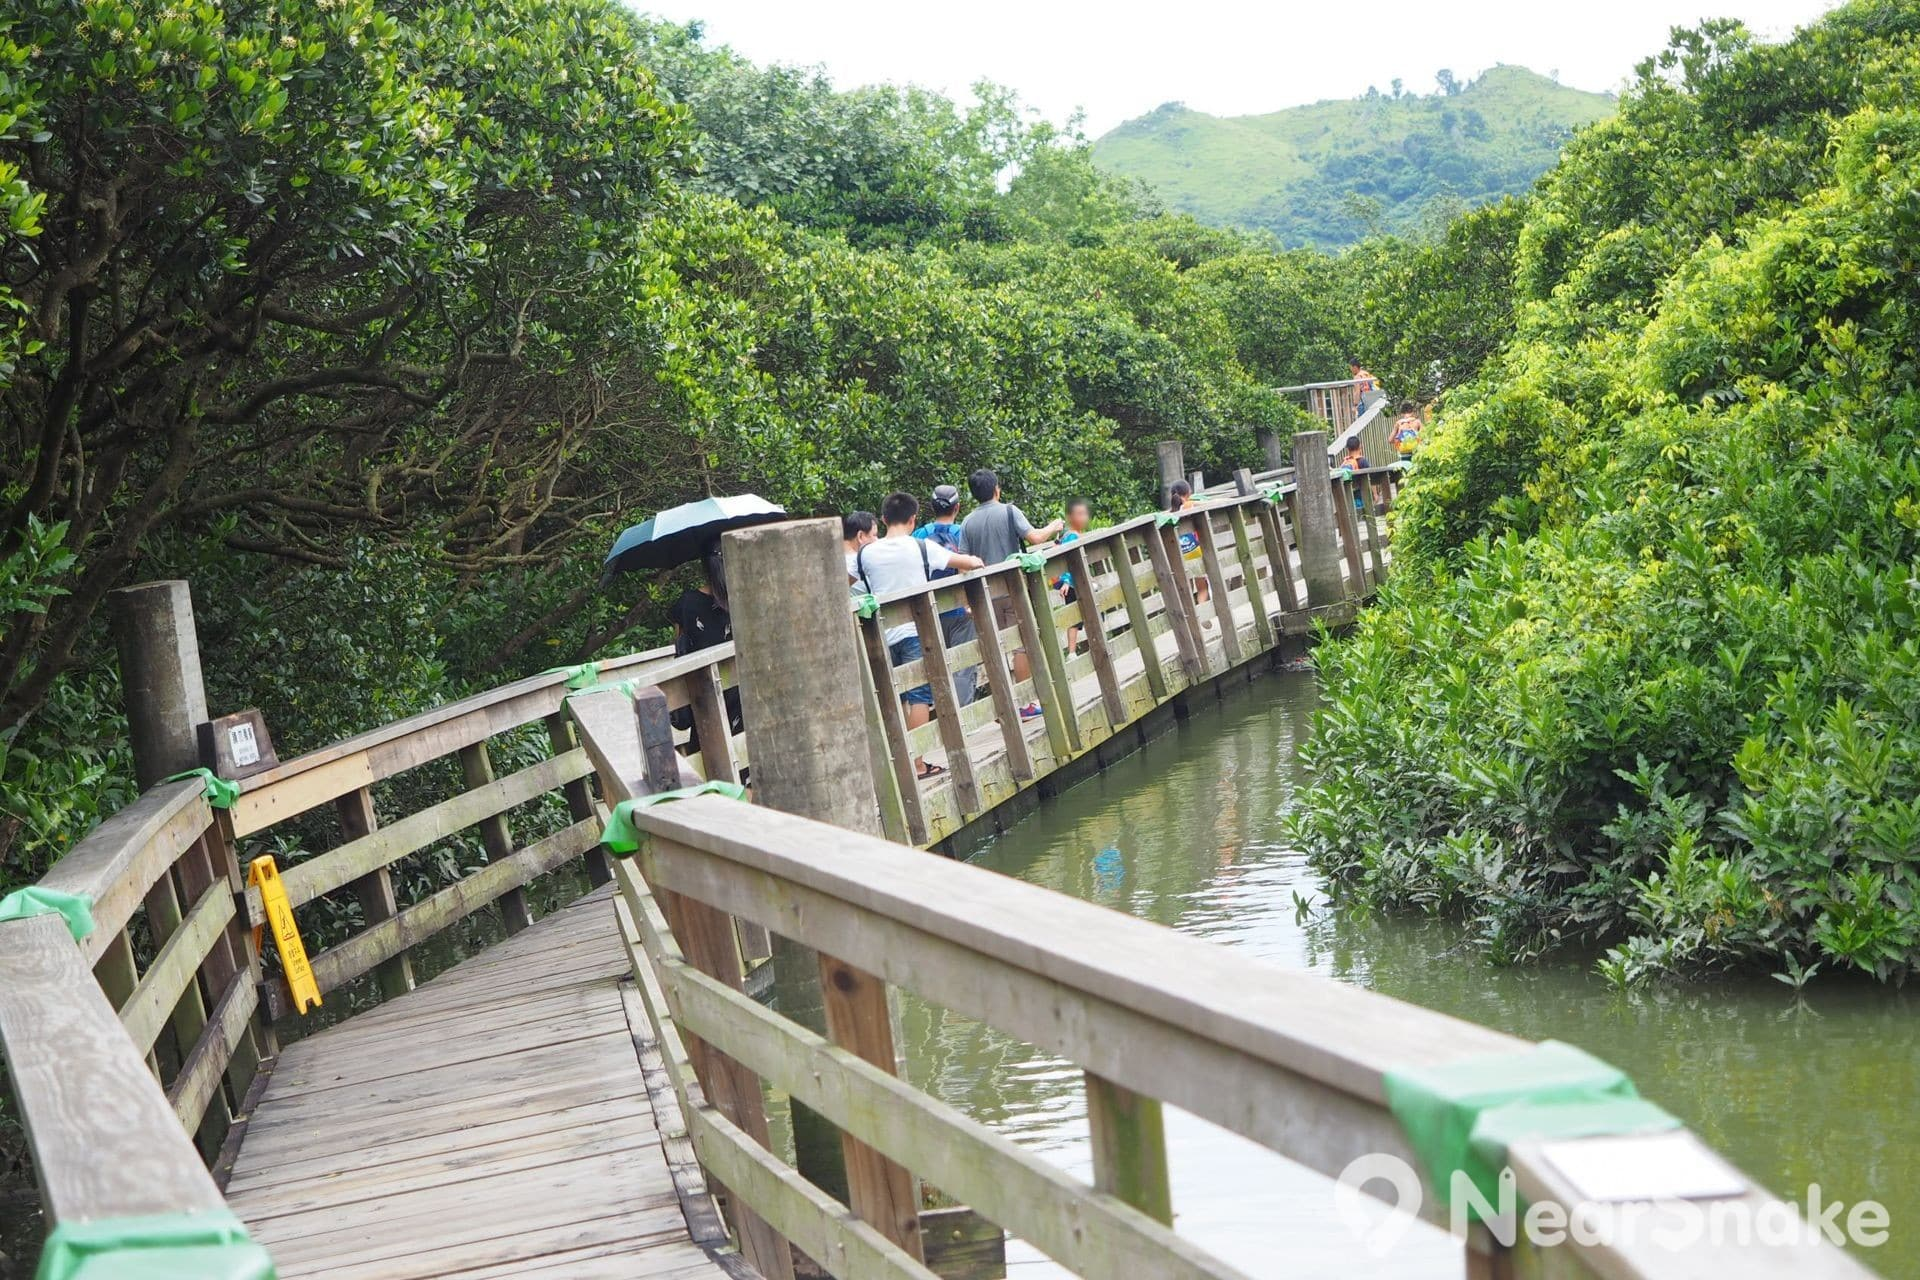 踏上紅樹林浮橋後,大家不僅可感受到左搖右擺的飄浮體驗,更會有融入紅樹林自然環境的感覺。